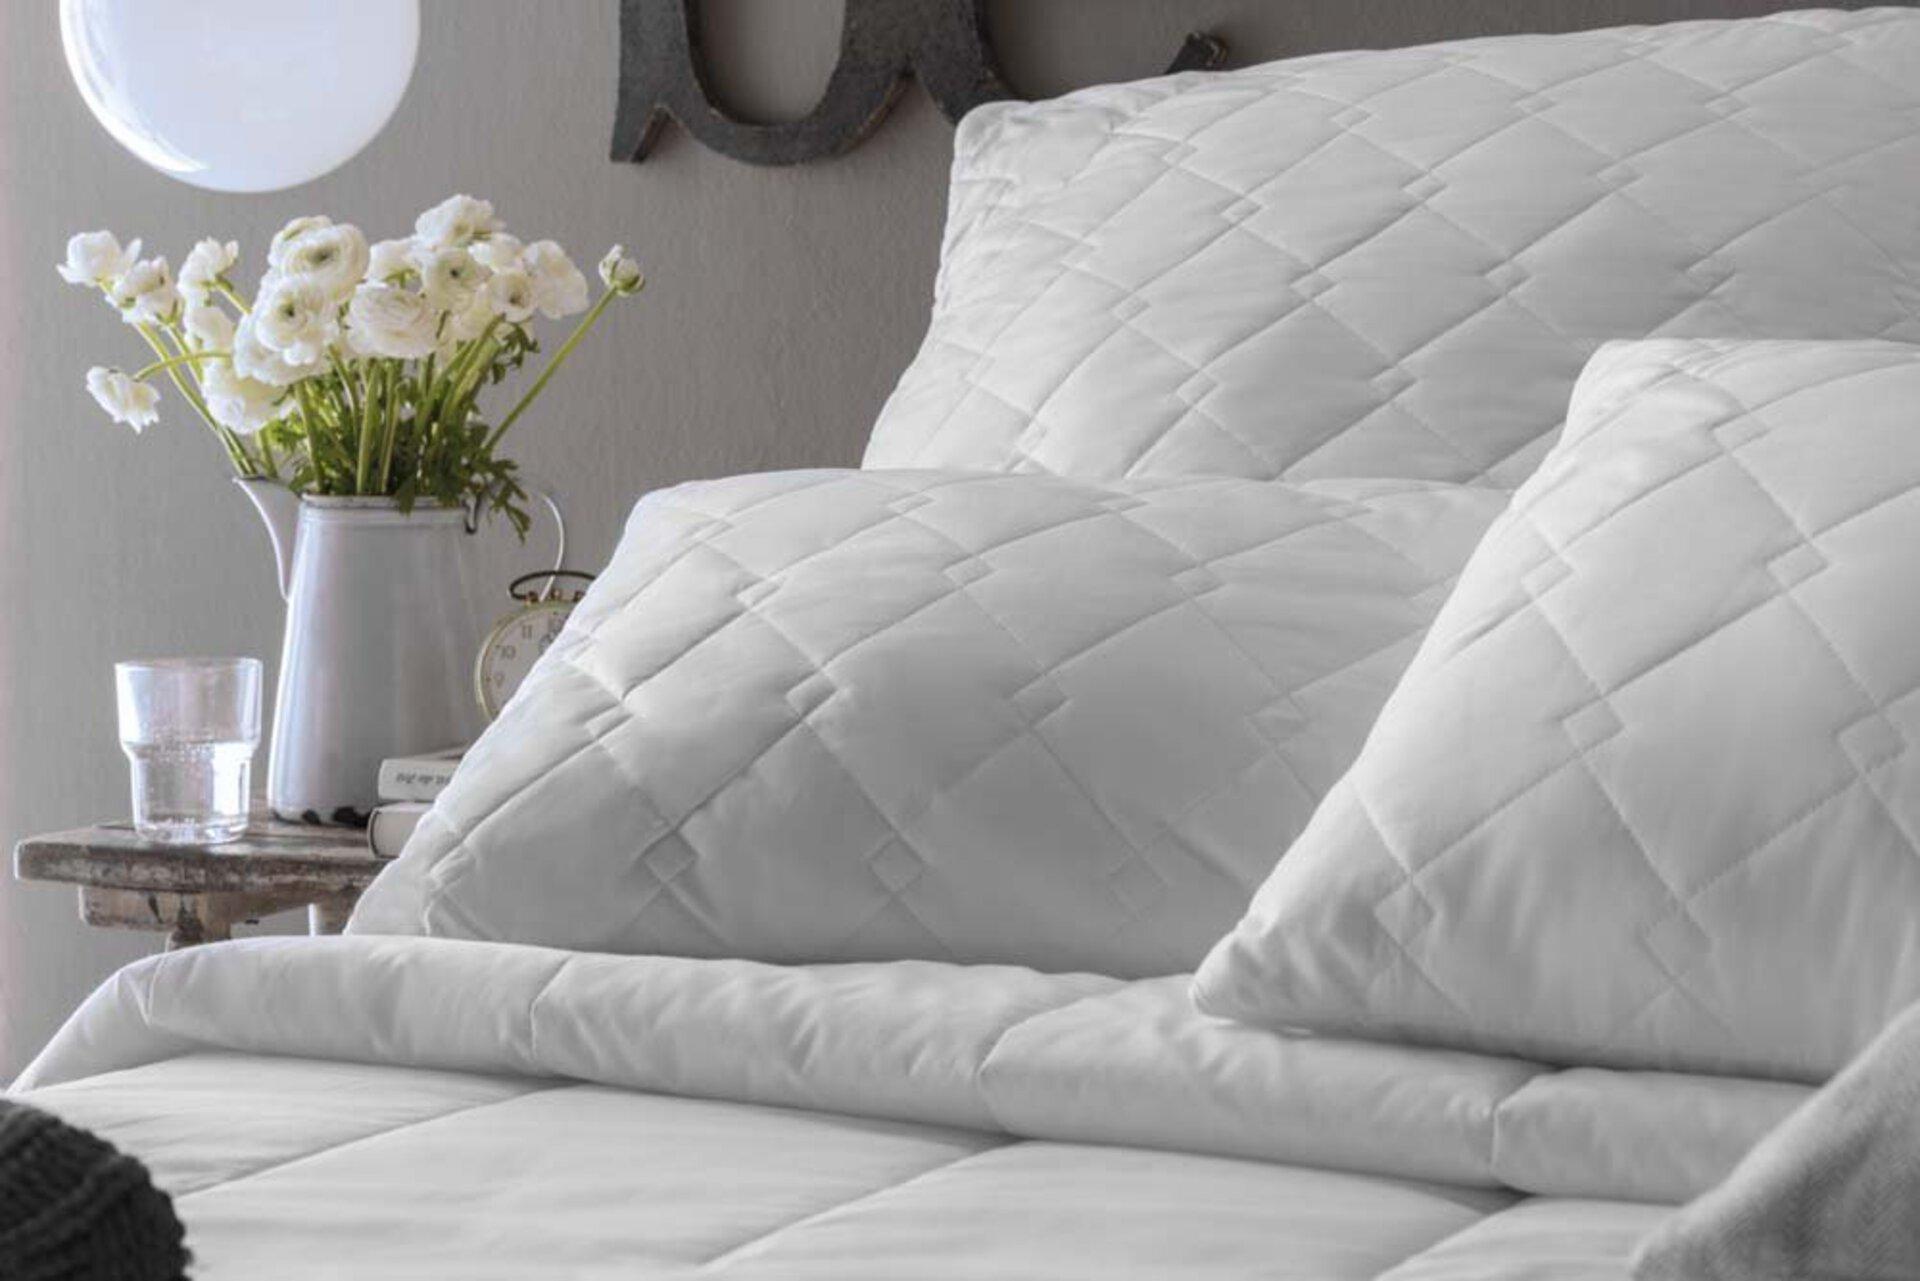 Kopfkissen ROYAL Kissen Centa-Star Textil weiß 80 x 80 cm